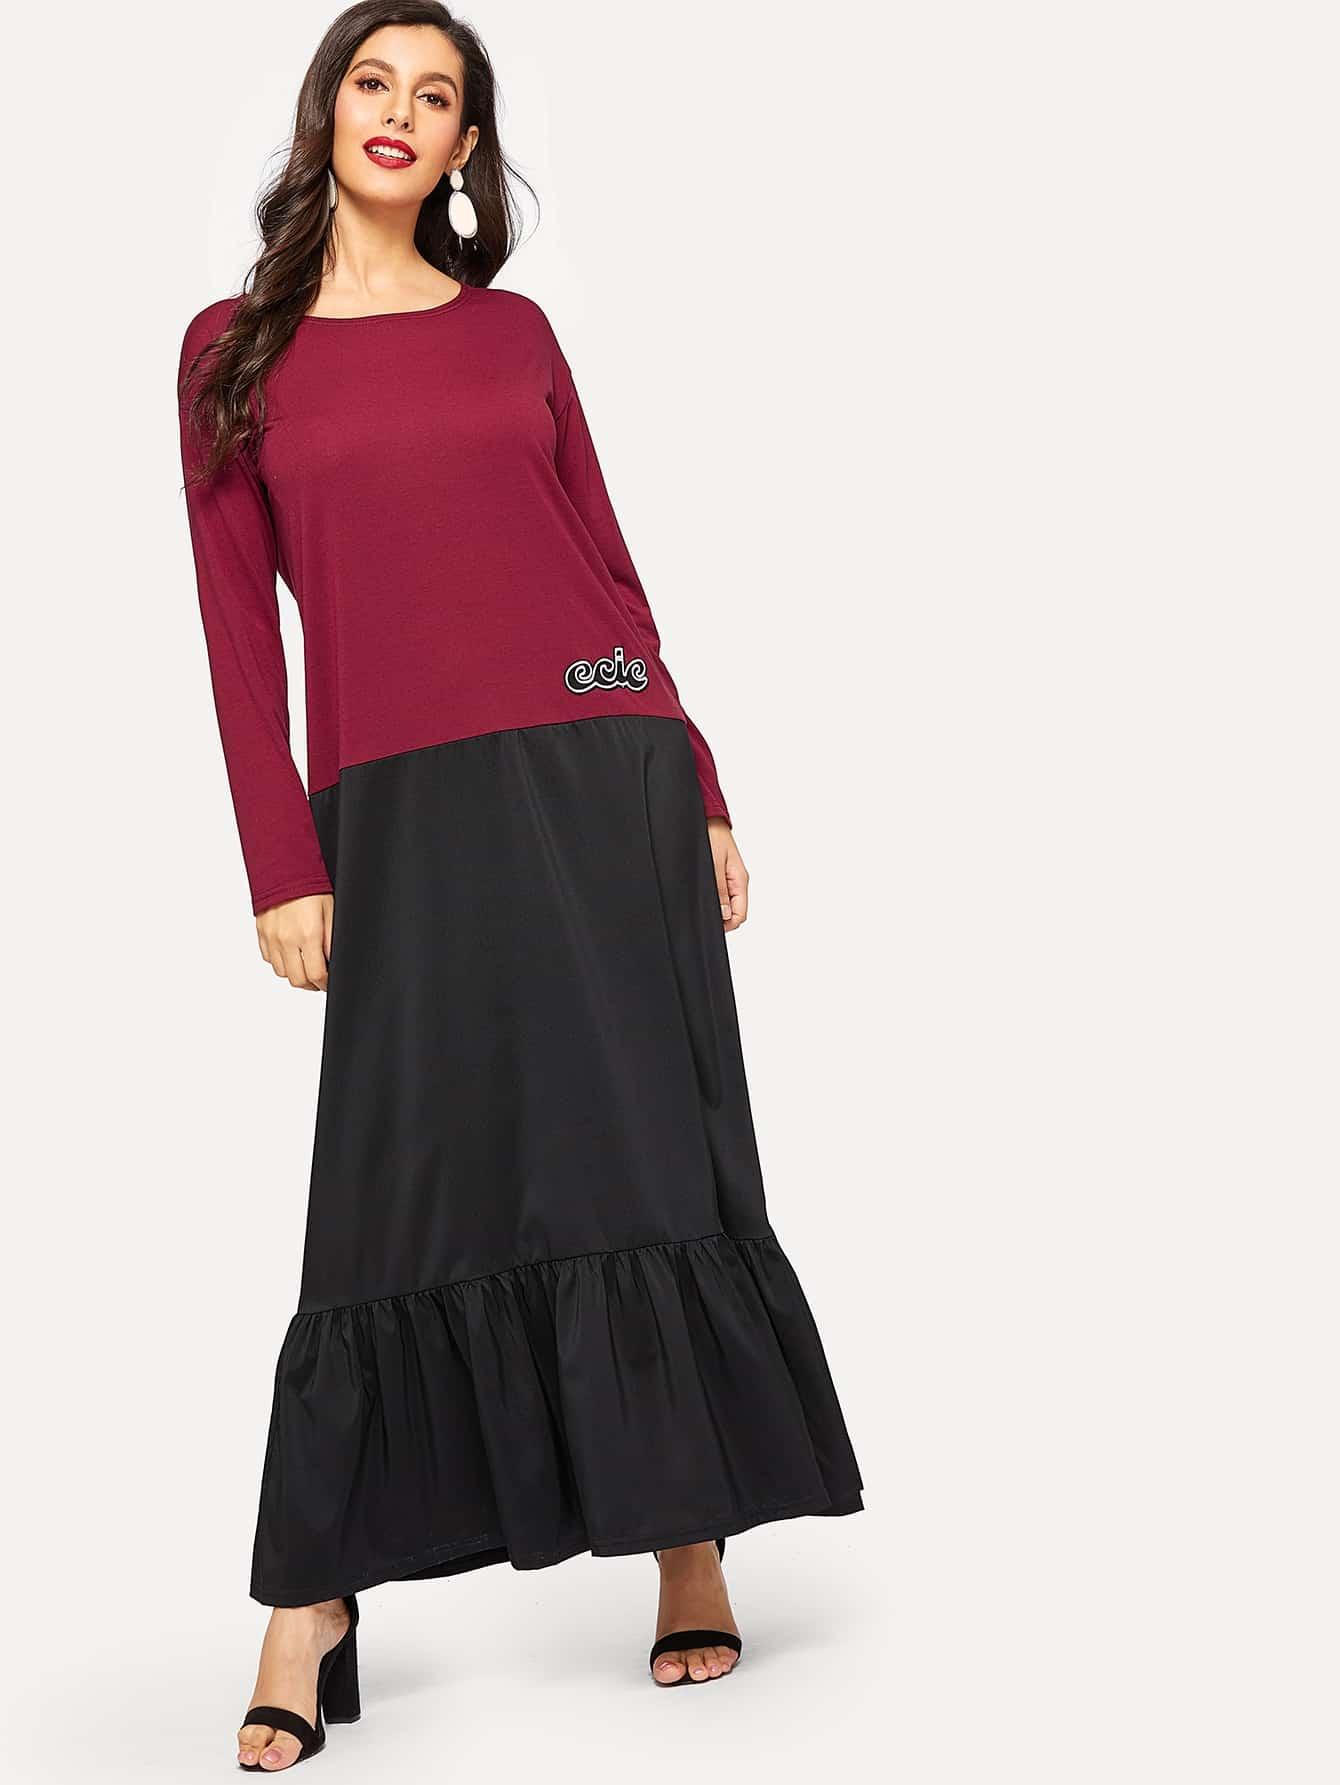 Купить Длинное платье с оборками и текстовым принтом, Jeane, SheIn